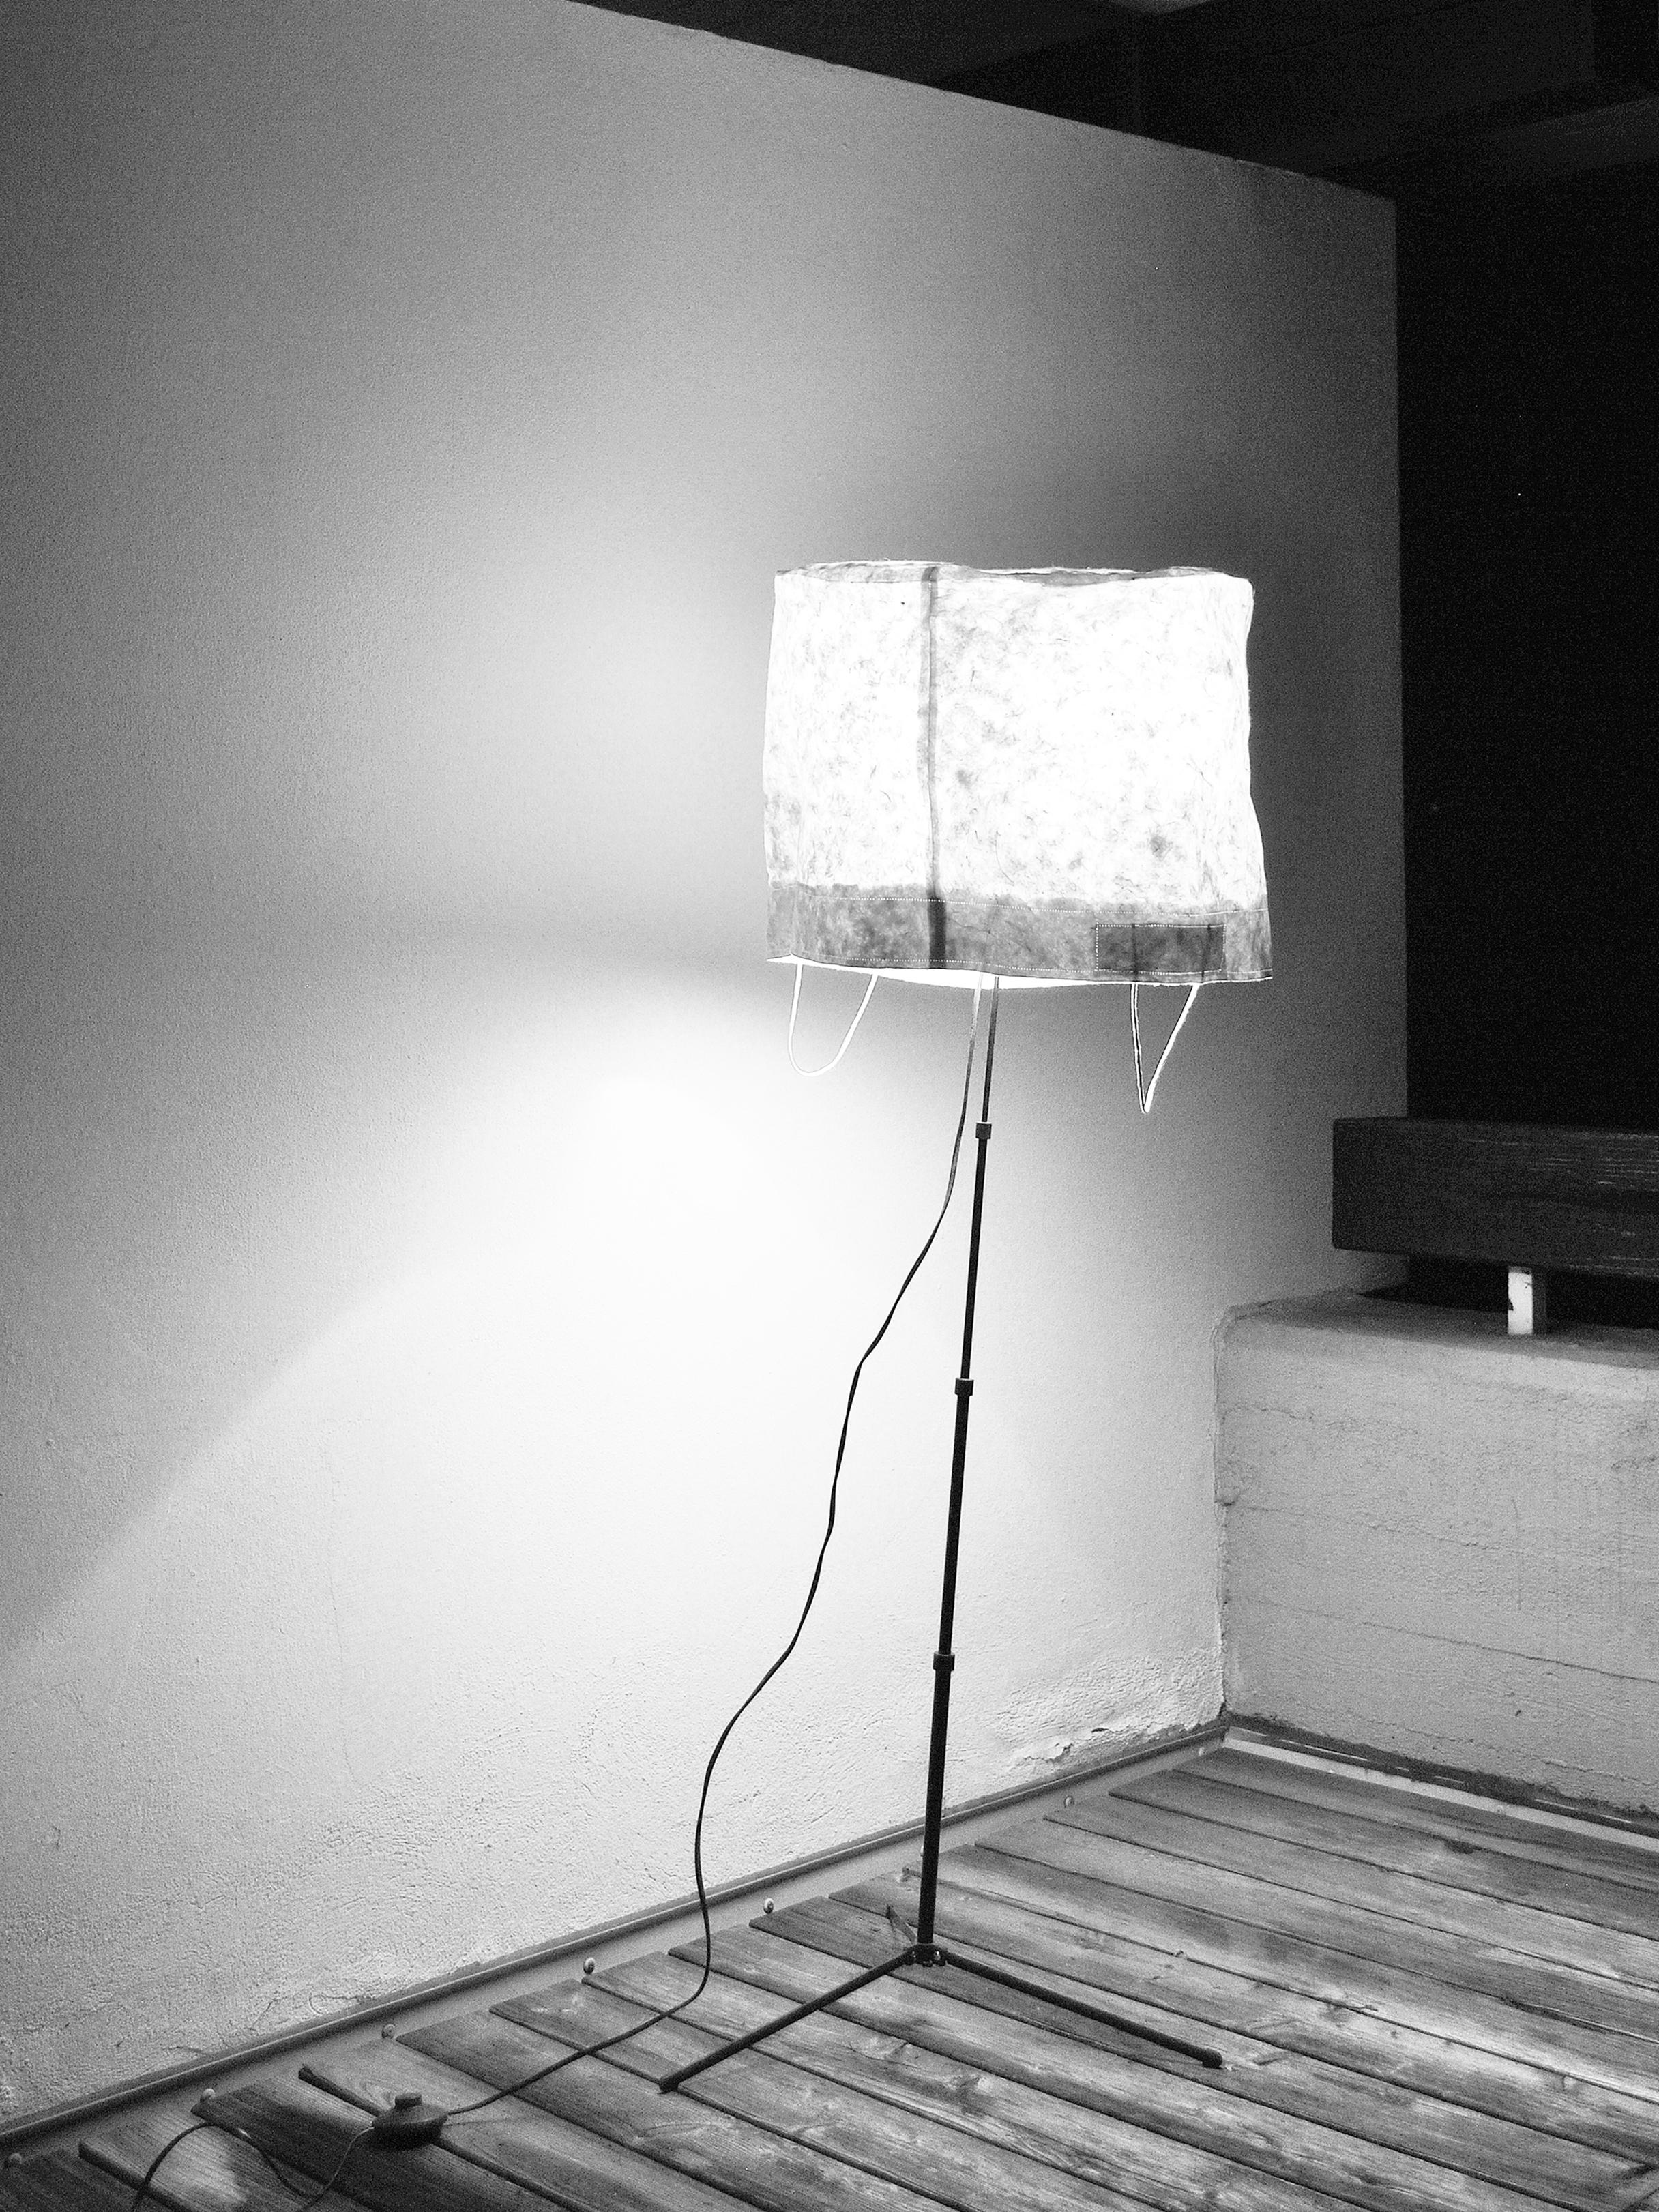 zvp-lampeauspappe-13z-1.jpg